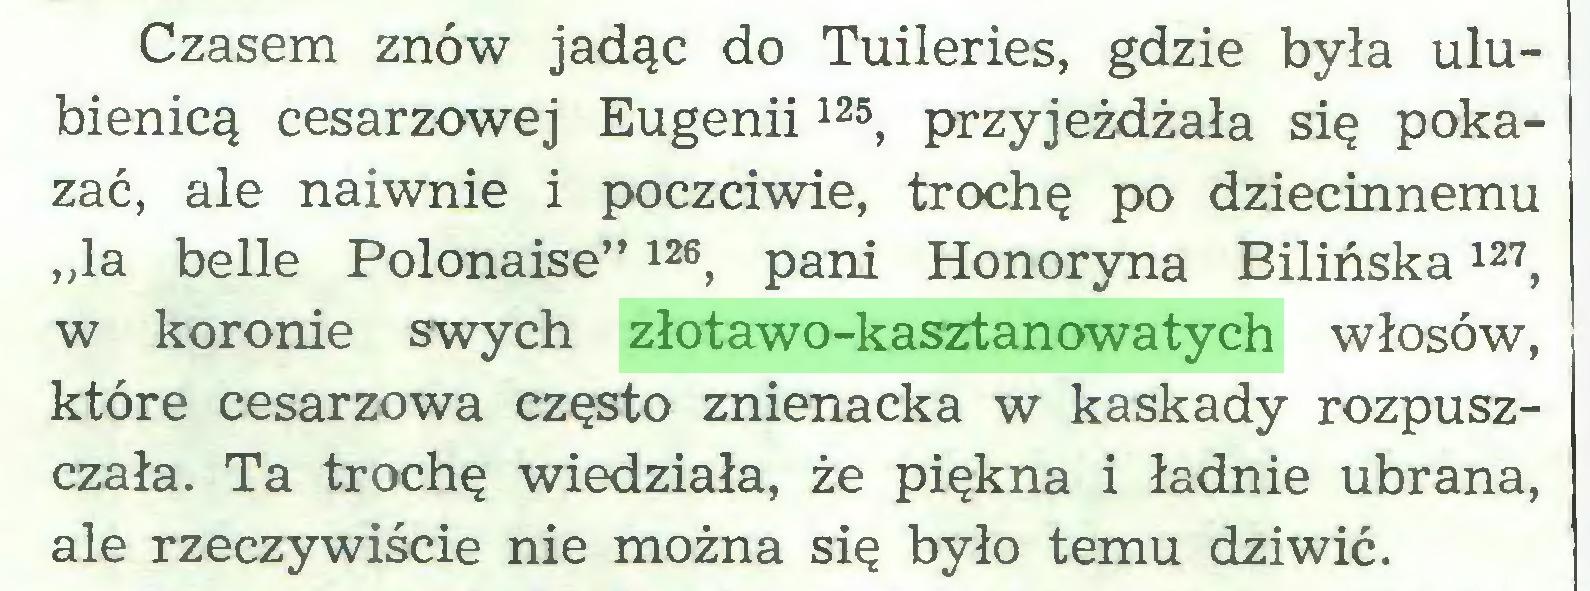 """(...) Czasem znów jadąc do Tuileries, gdzie była ulubienicą cesarzowej Eugenii125, przyjeżdżała się pokazać, ale naiwnie i poczciwie, trochę po dziecinnemu """"la belle Polonaise""""126, pani Honoryna Bilińska127, w koronie swych złotawo-kasztanowatych włosów, które cesarzowa często znienacka w kaskady rozpuszczała. Ta trochę wiedziała, że piękna i ładnie ubrana, ale rzeczywiście nie można się było temu dziwić..."""